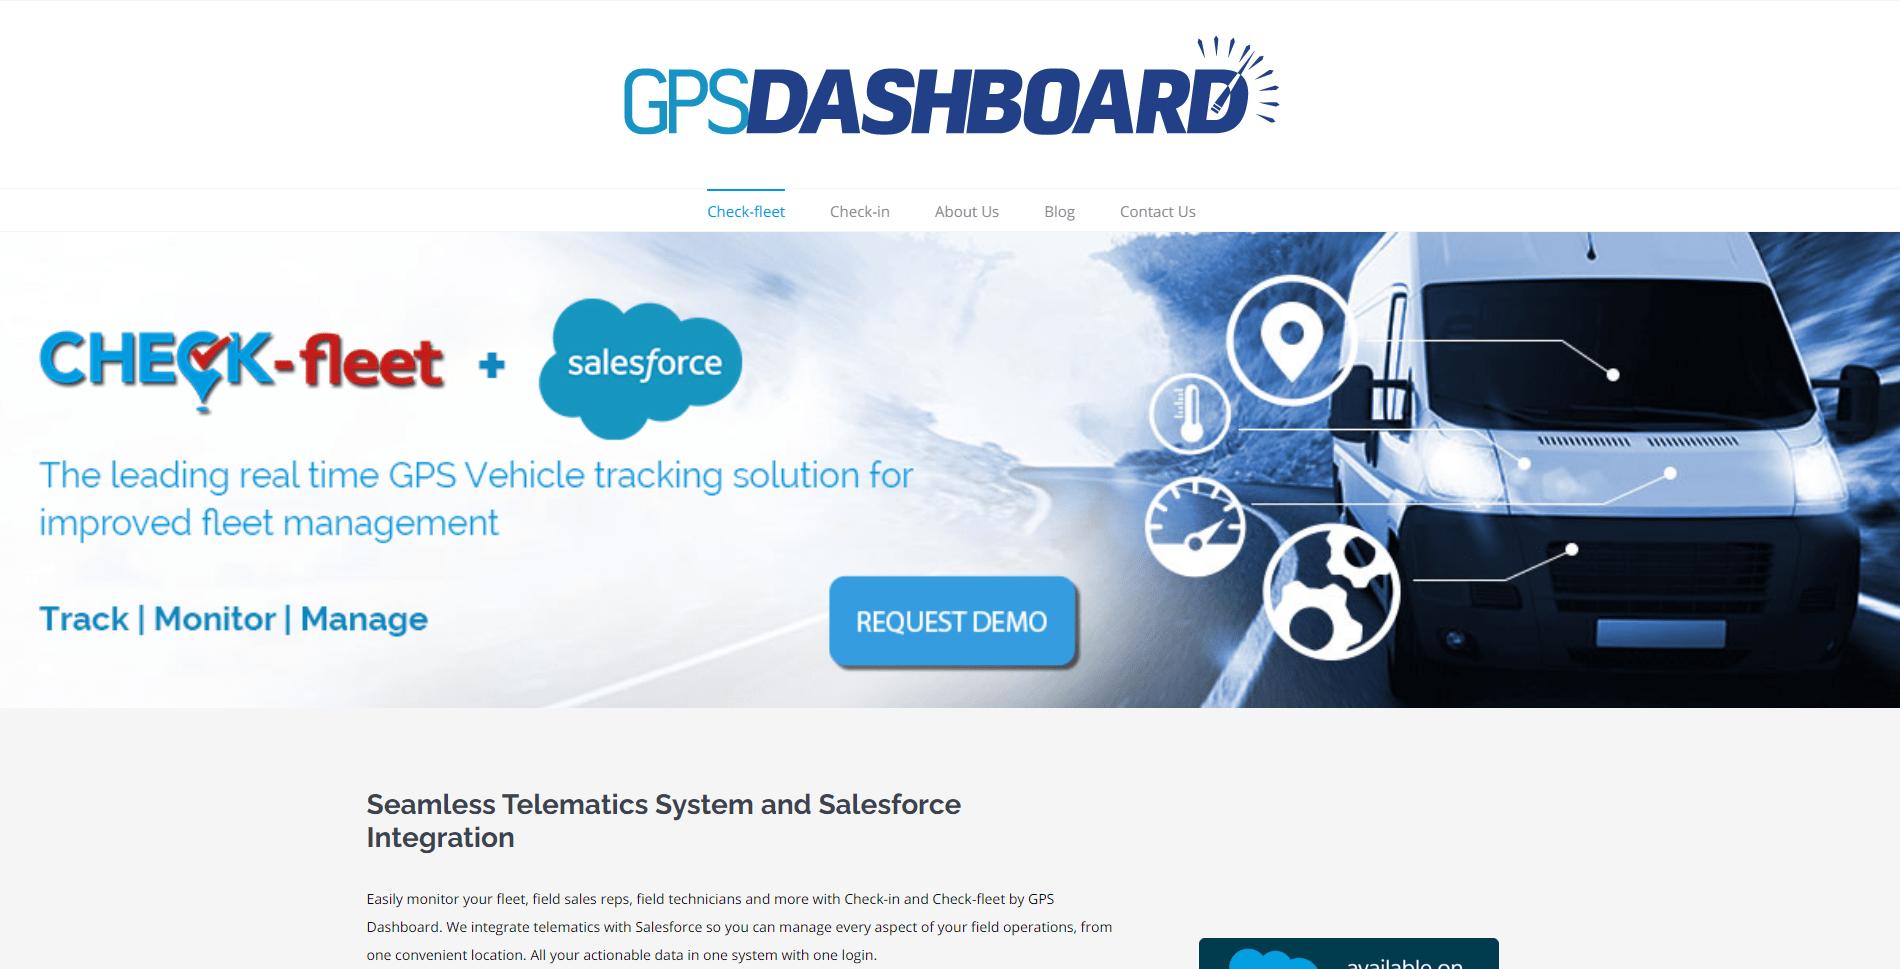 GPS Dashboard